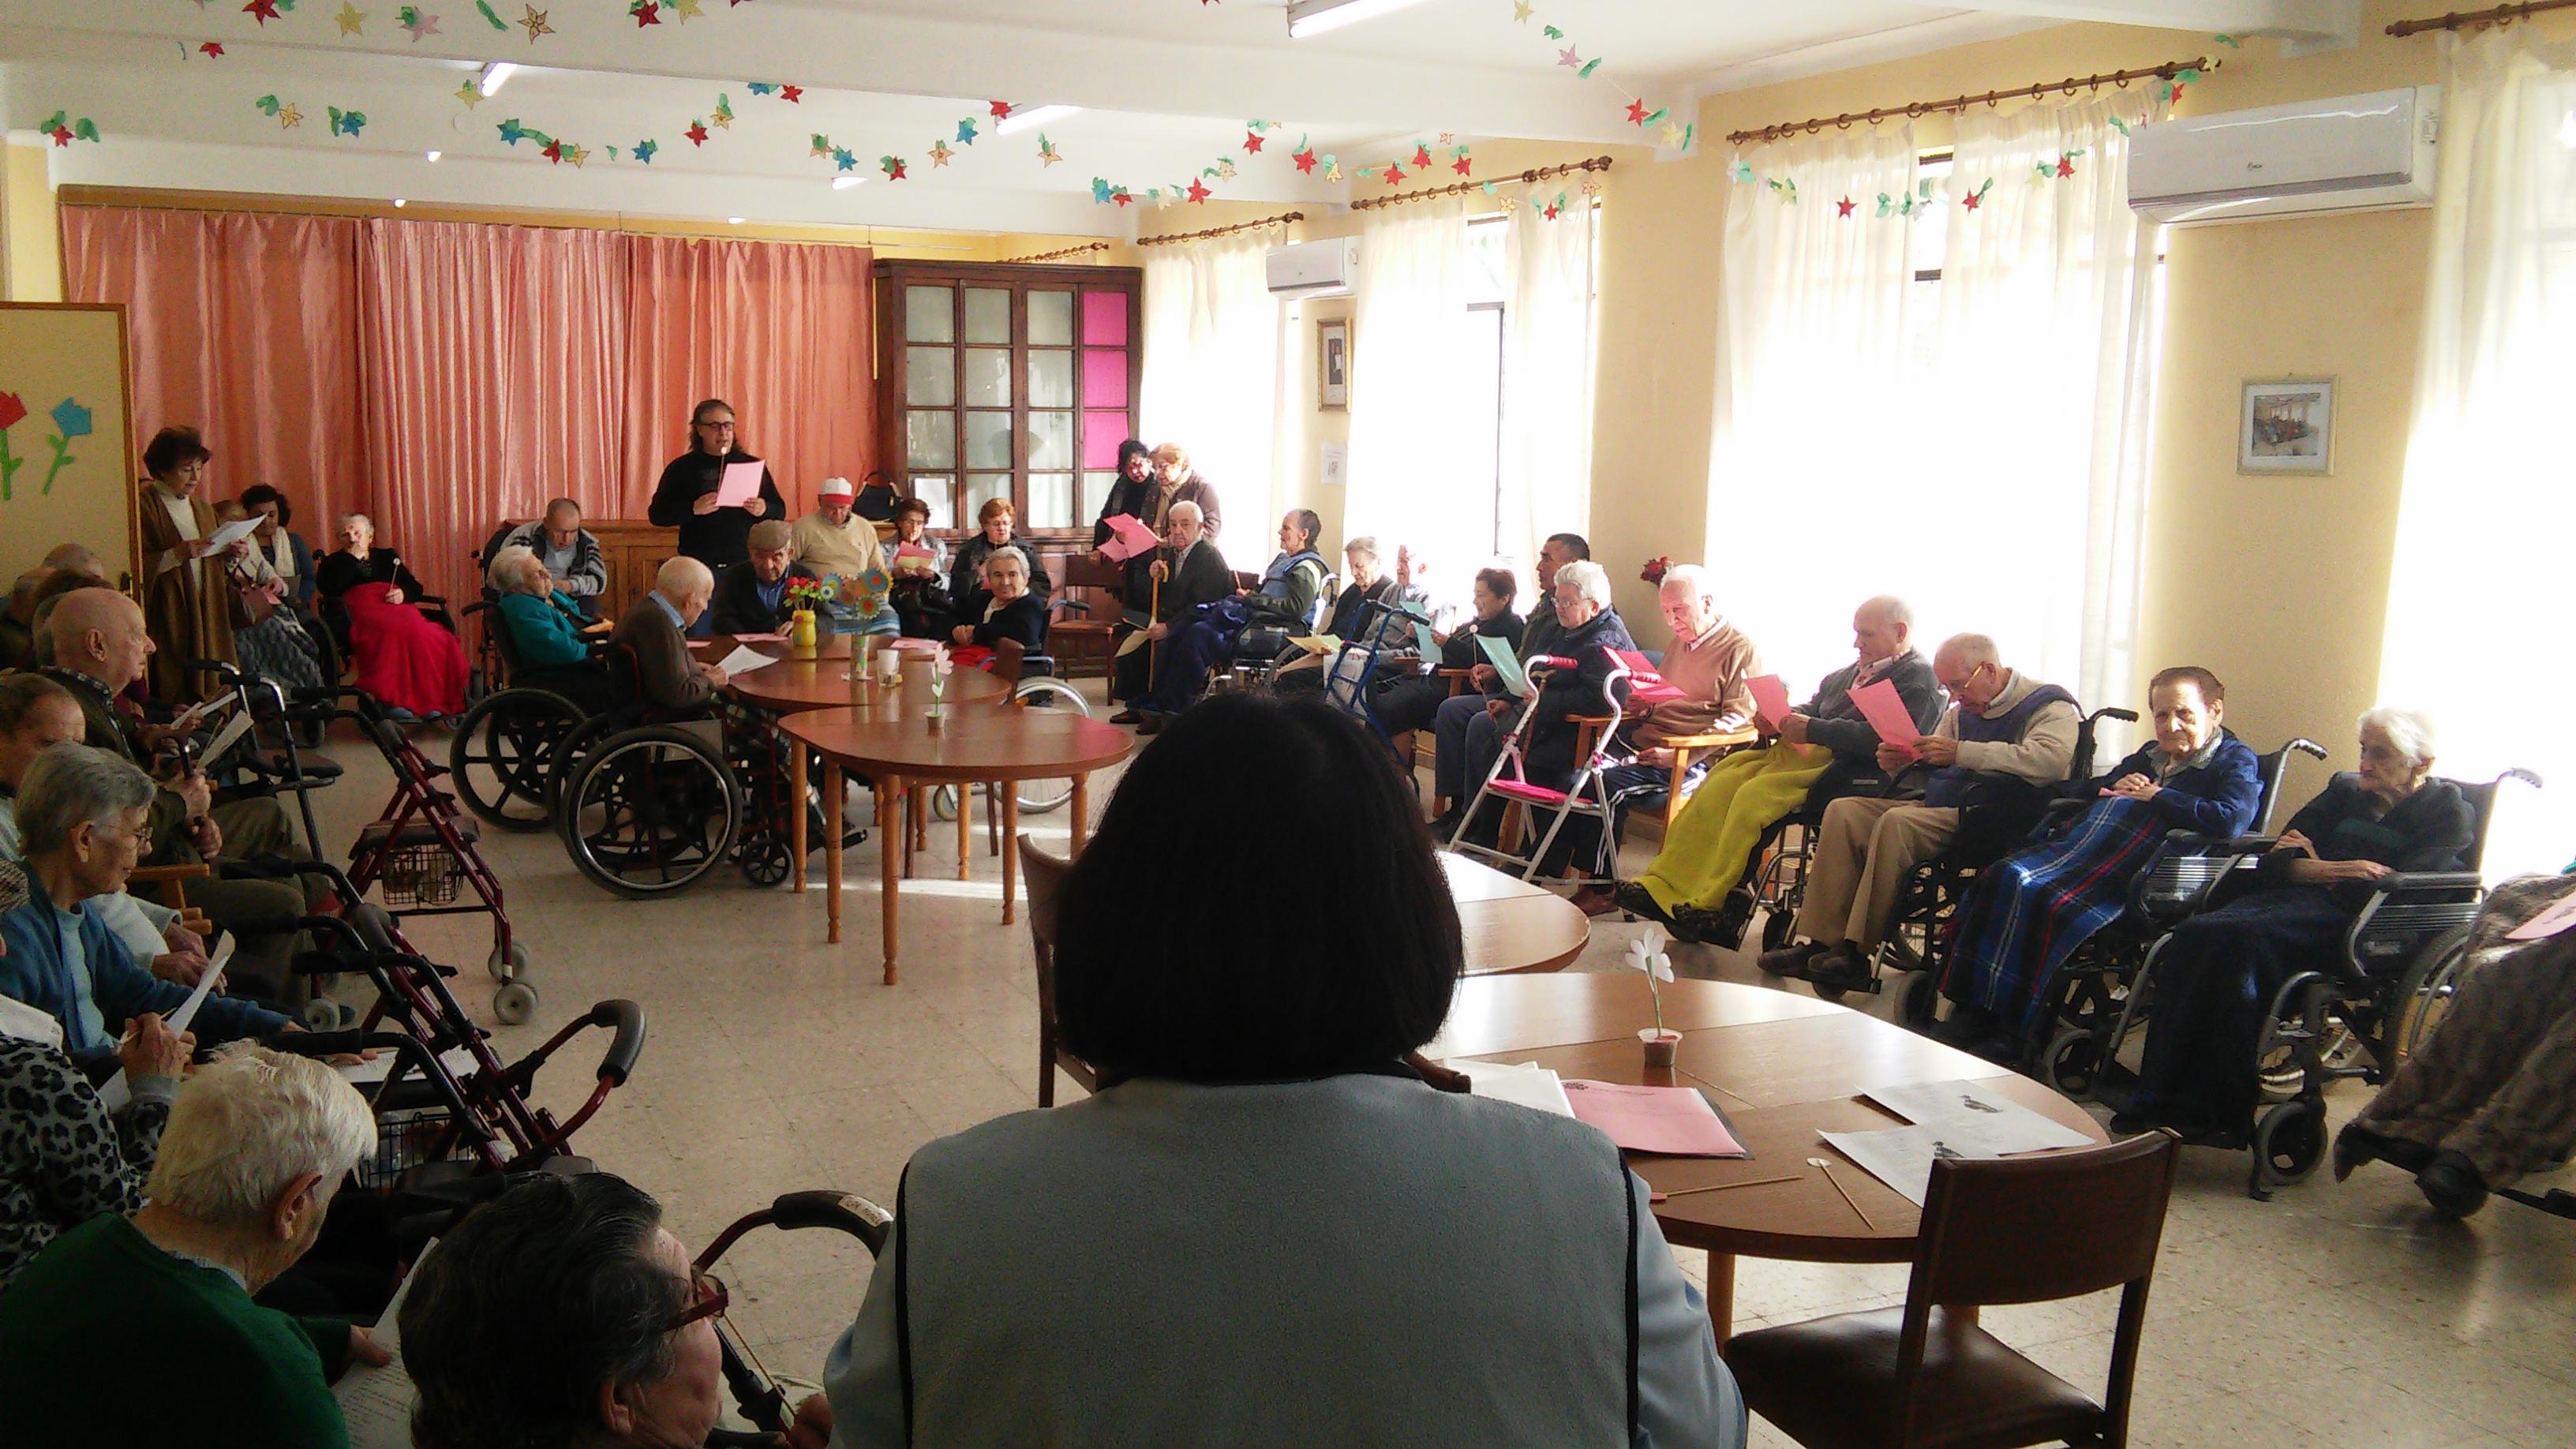 El grupo de la pastoral de Torrejoncillo visita la residencia de mayores la Inmaculada, de Coria,  con motivo del año de la misericordia.